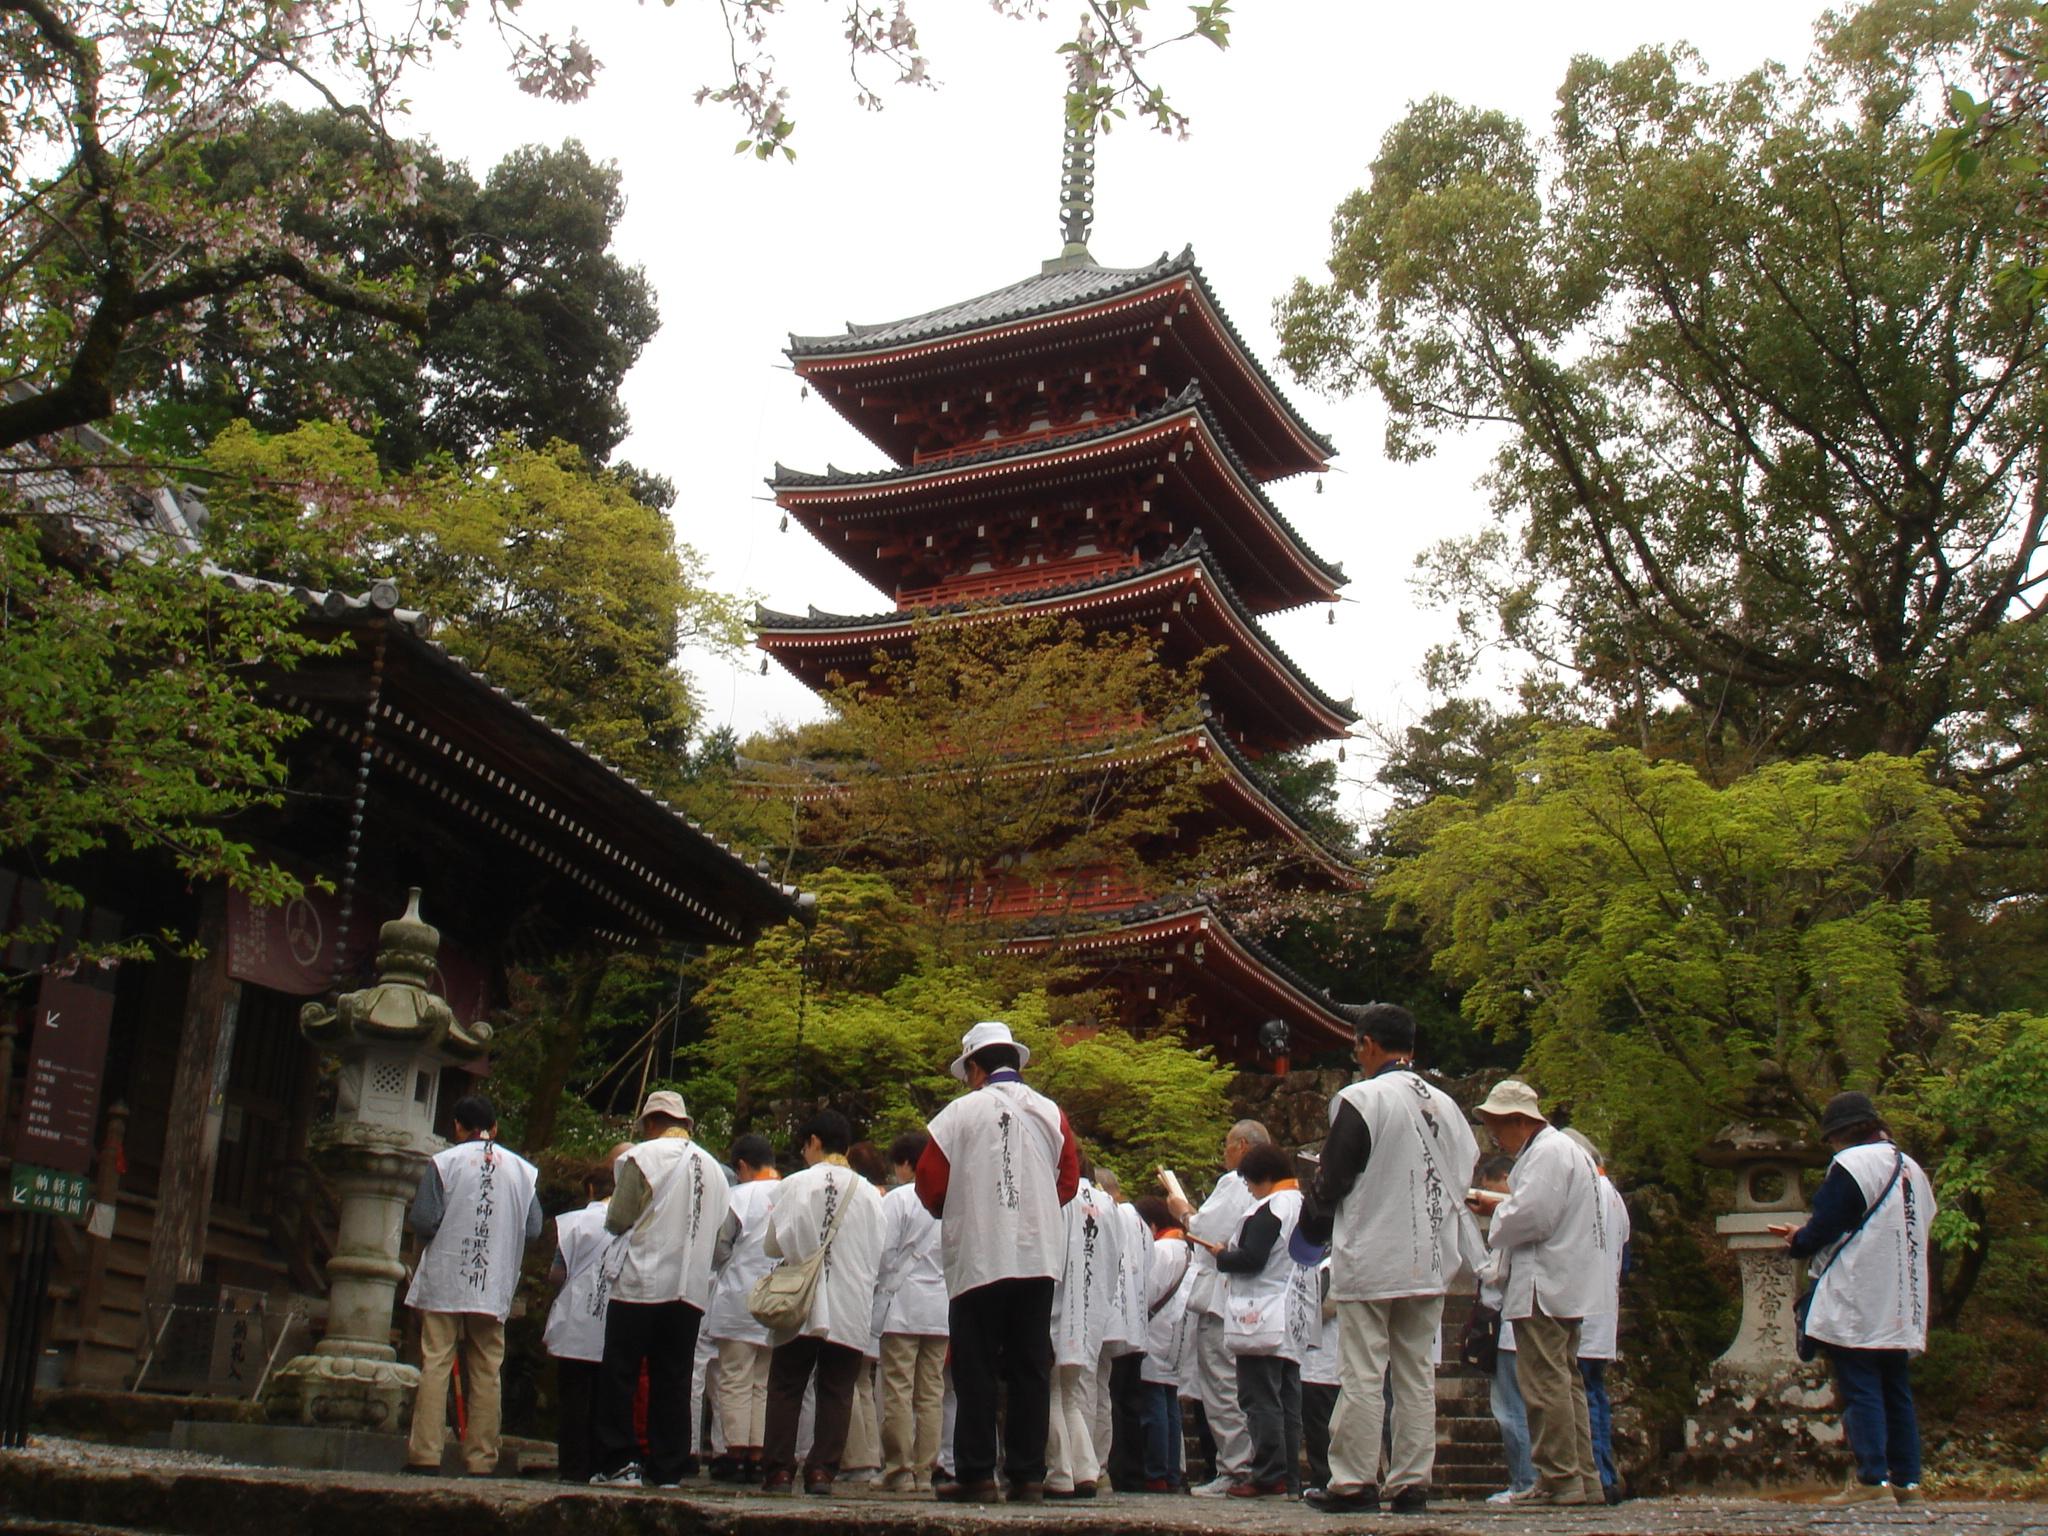 竹林寺 桜と五重塔・お遍路さん.JPG